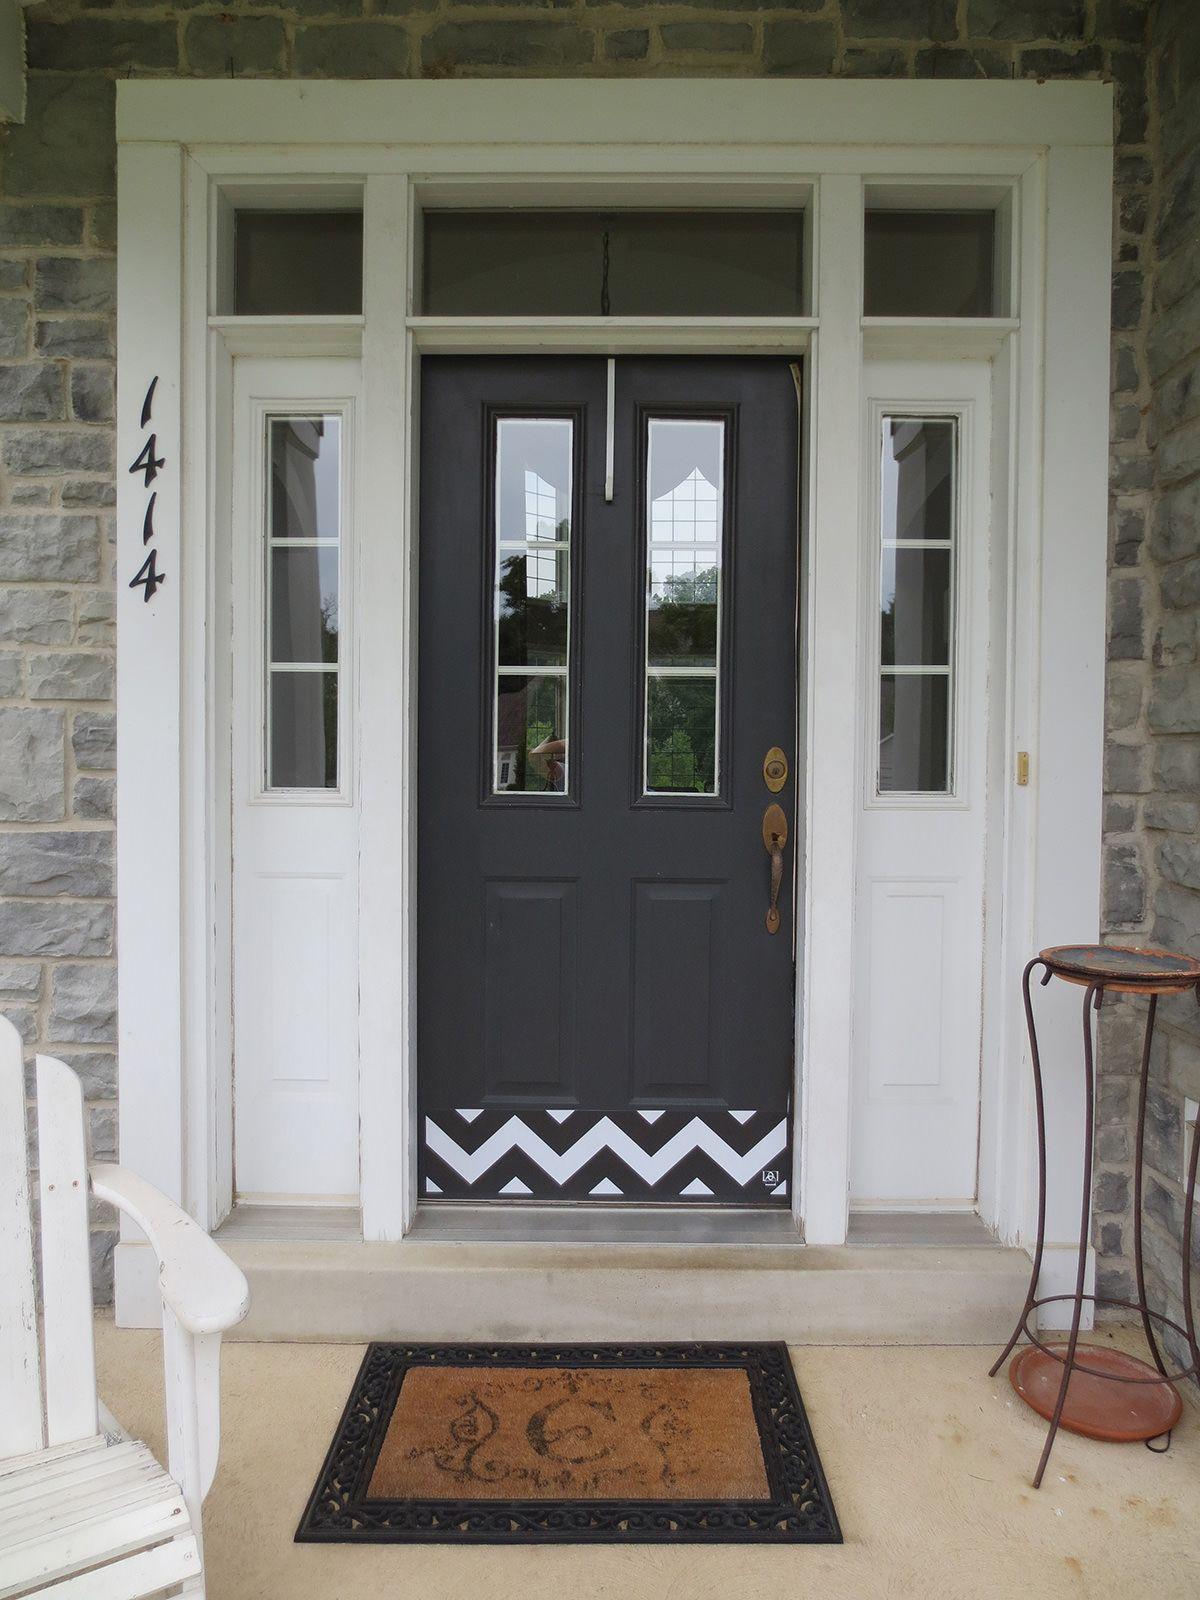 Product Gallery Door kick plates, Screen doors for sale